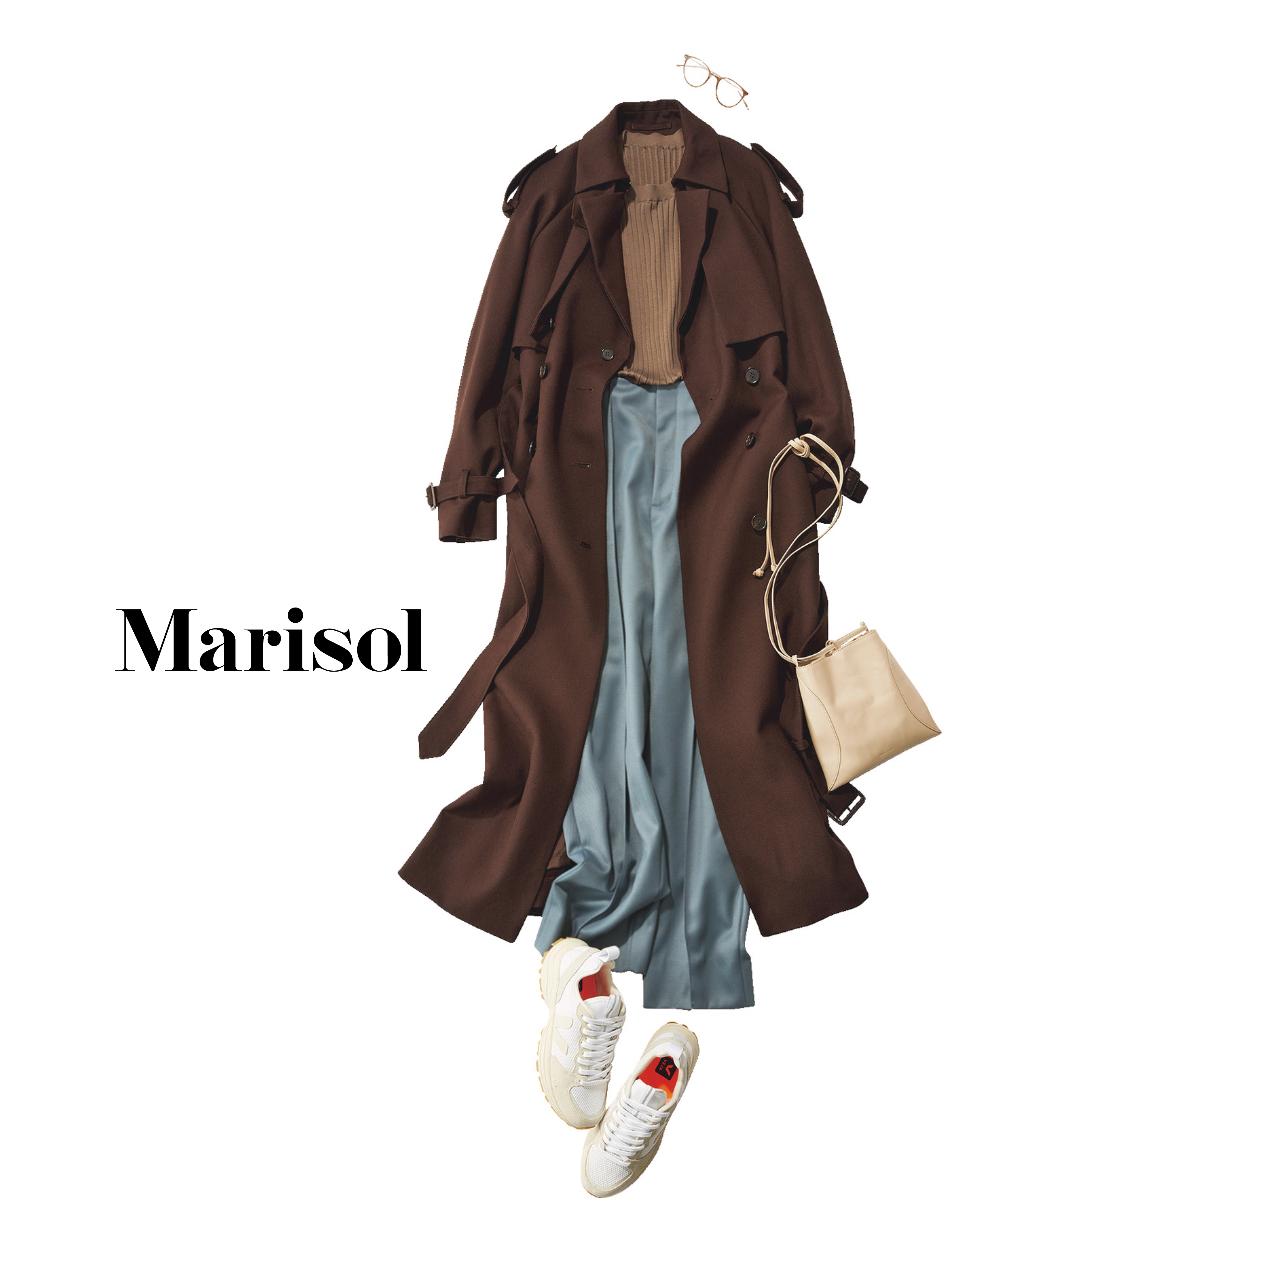 40代ファッション シルク混リブクルーネックニット×パンツコーデ